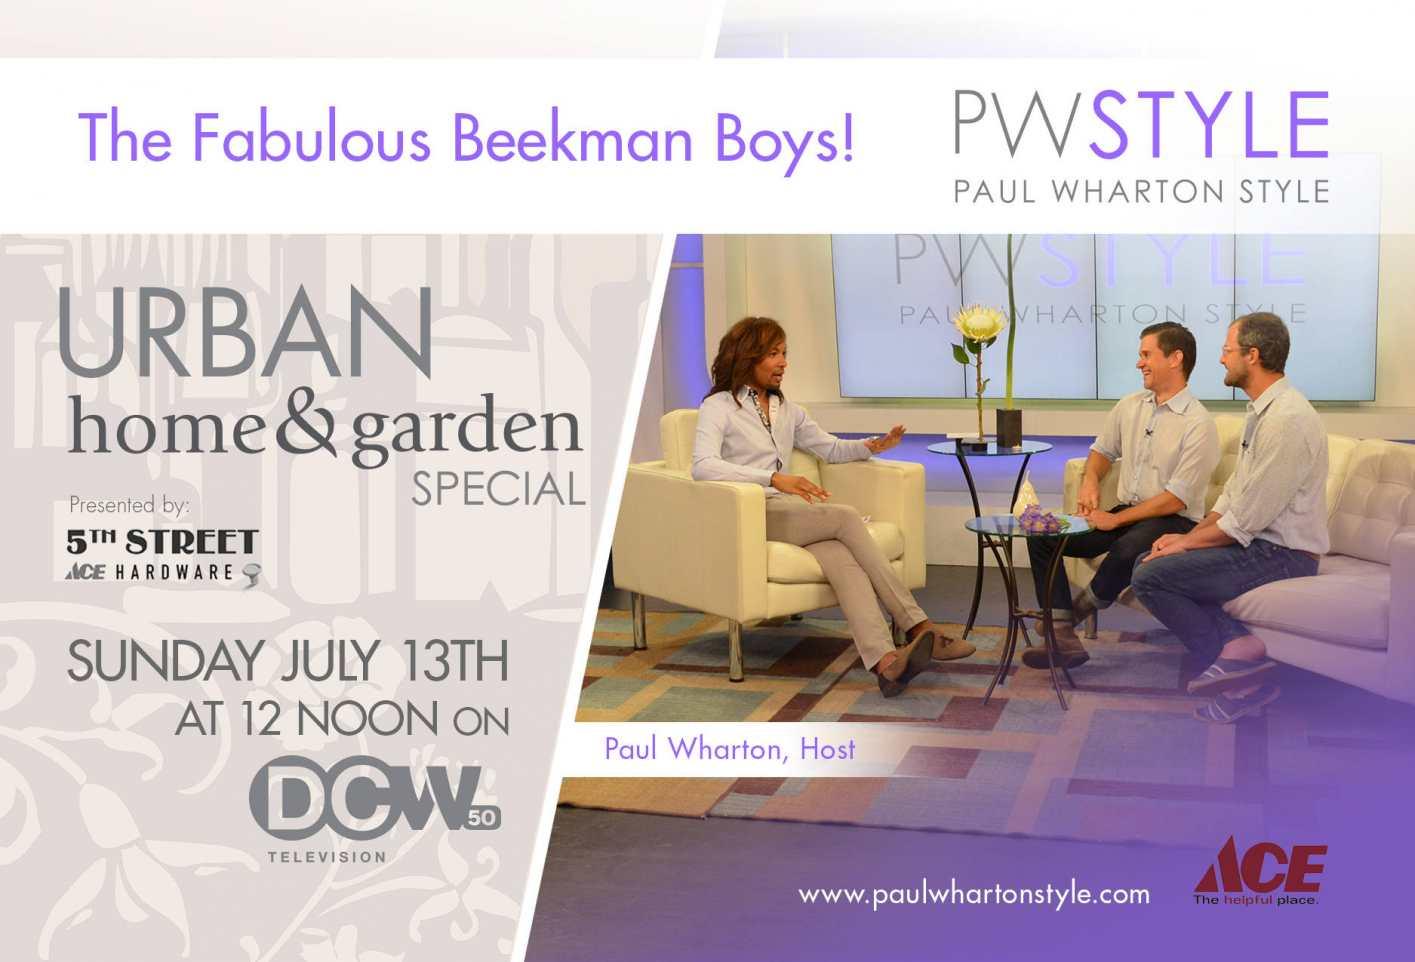 Paul Wharton Style: Urban Home & Garden Special